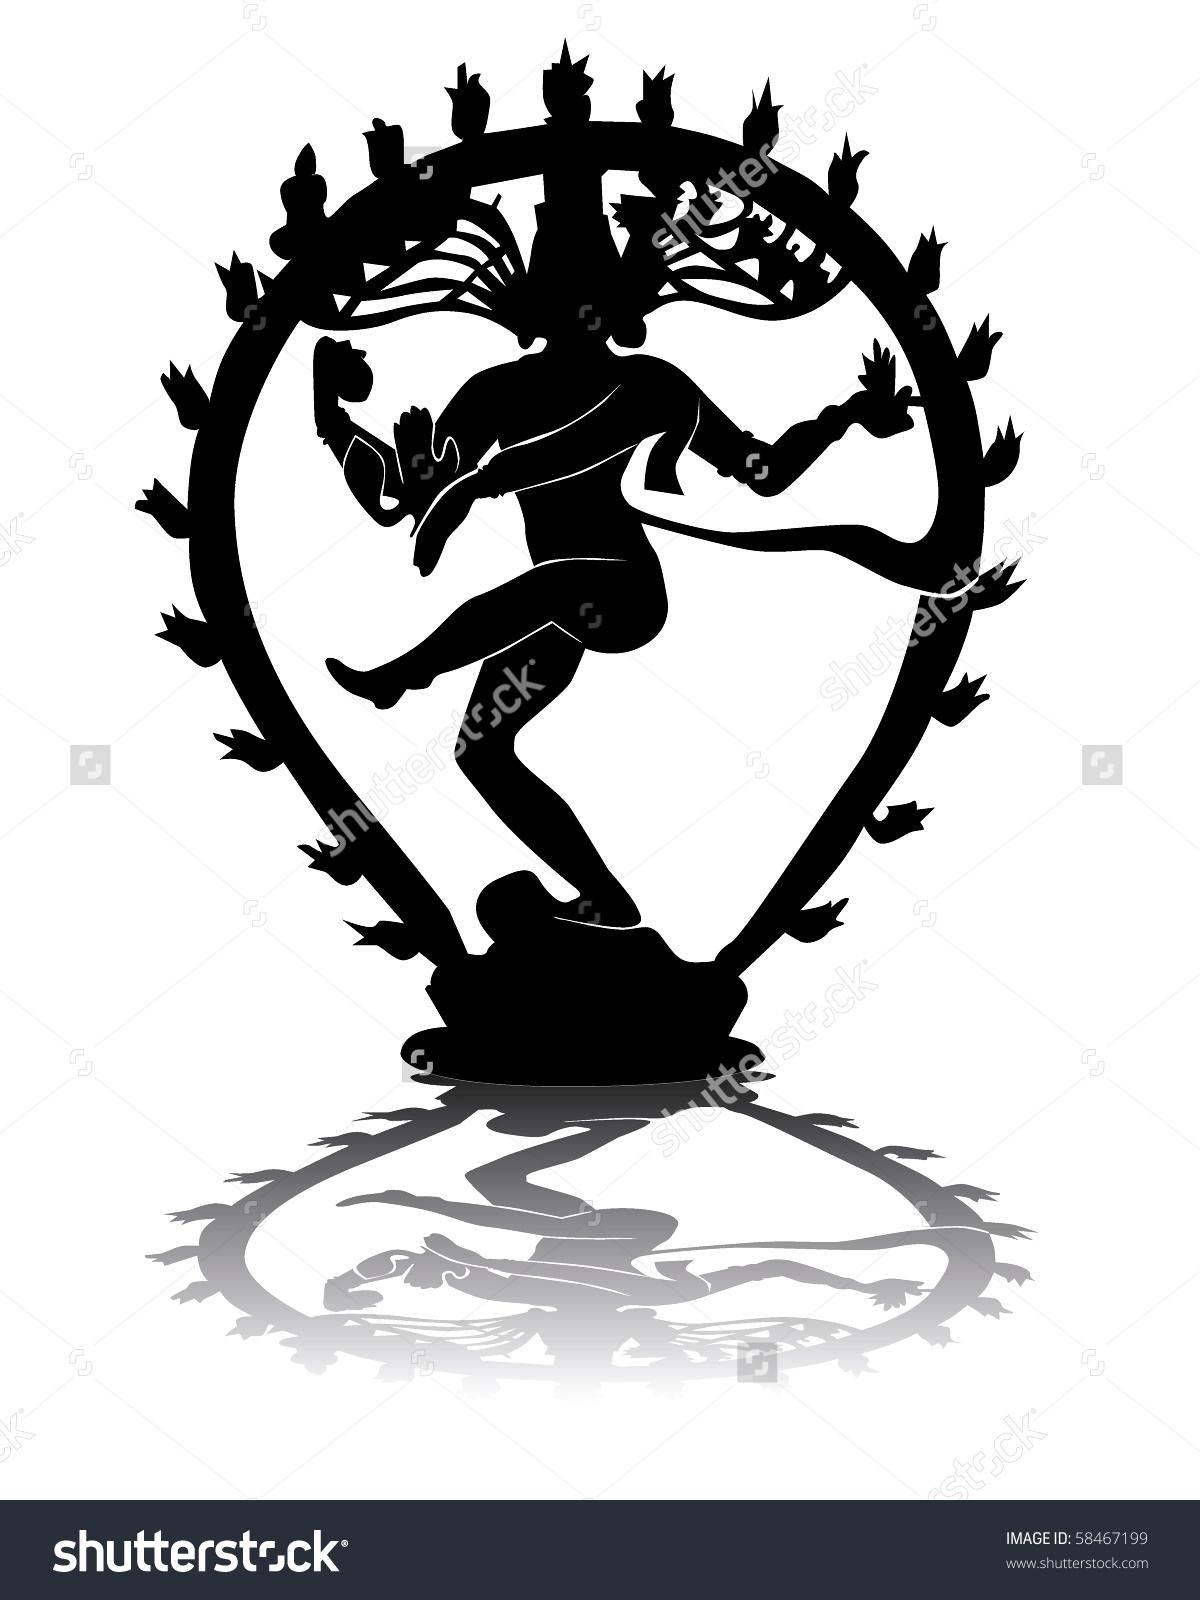 Shiva silhouette clipart.